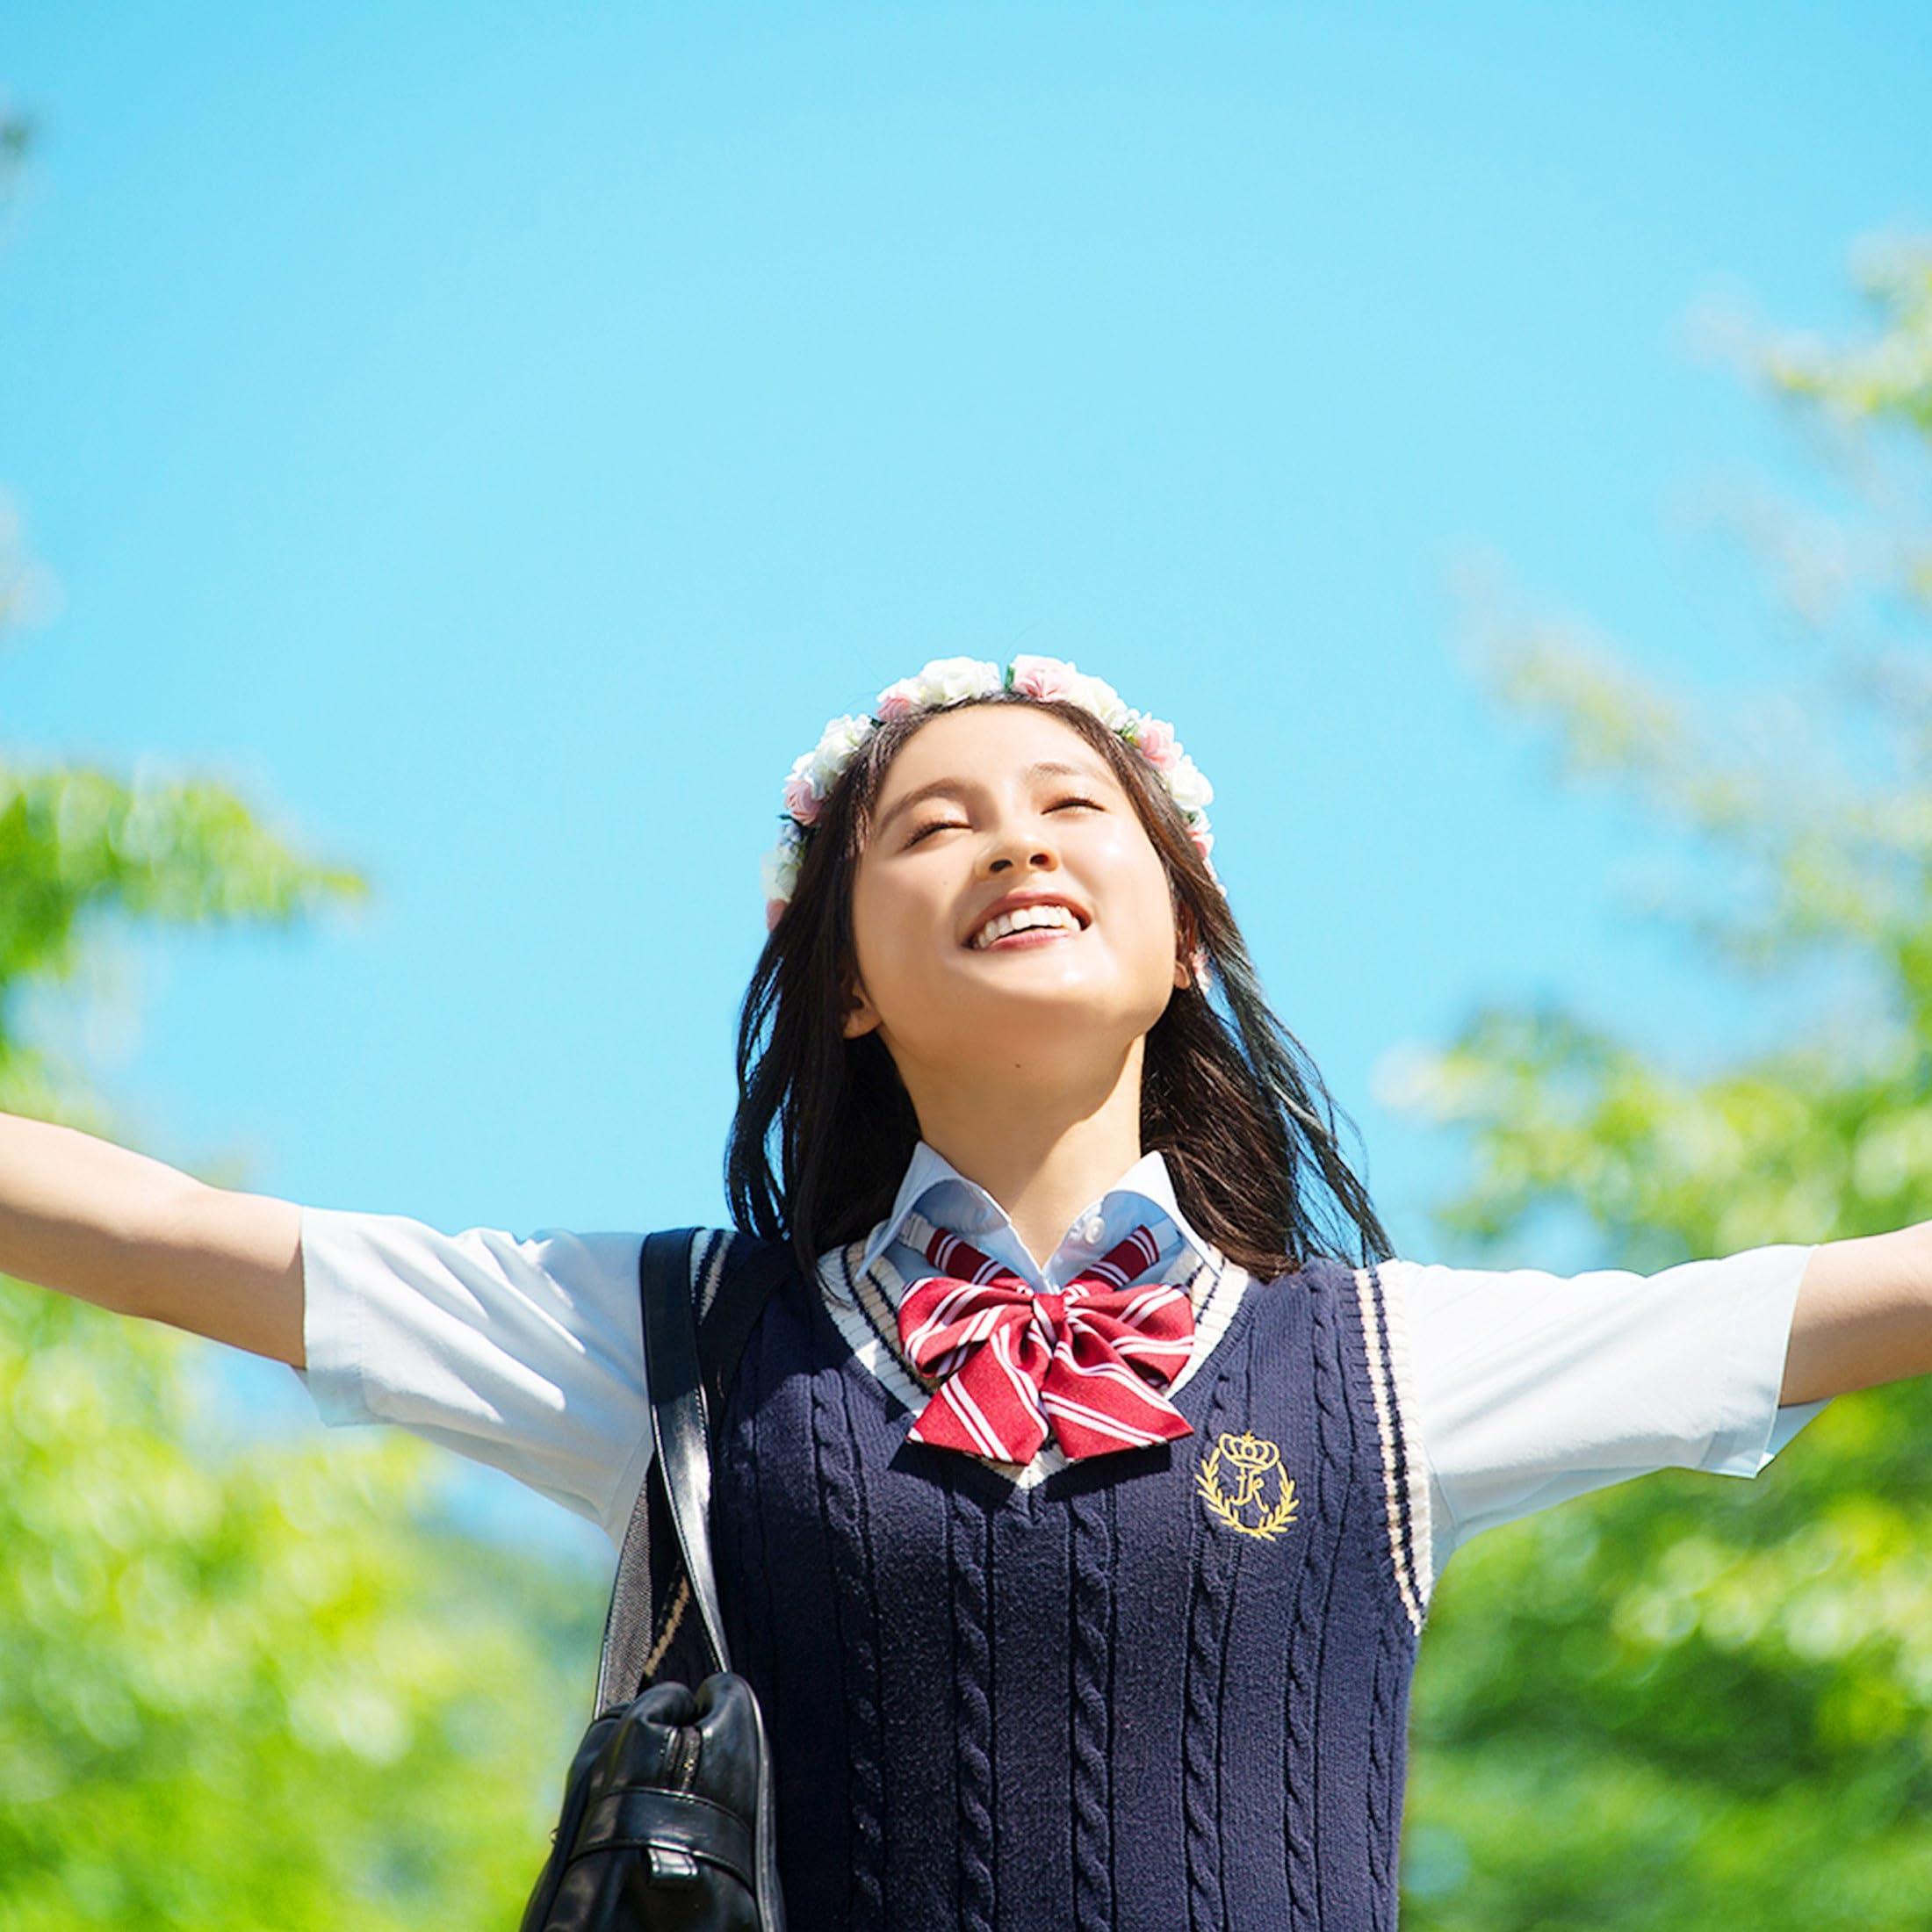 土屋太鳳 映画 兄に愛されすぎて困ってます 女子高生 橘